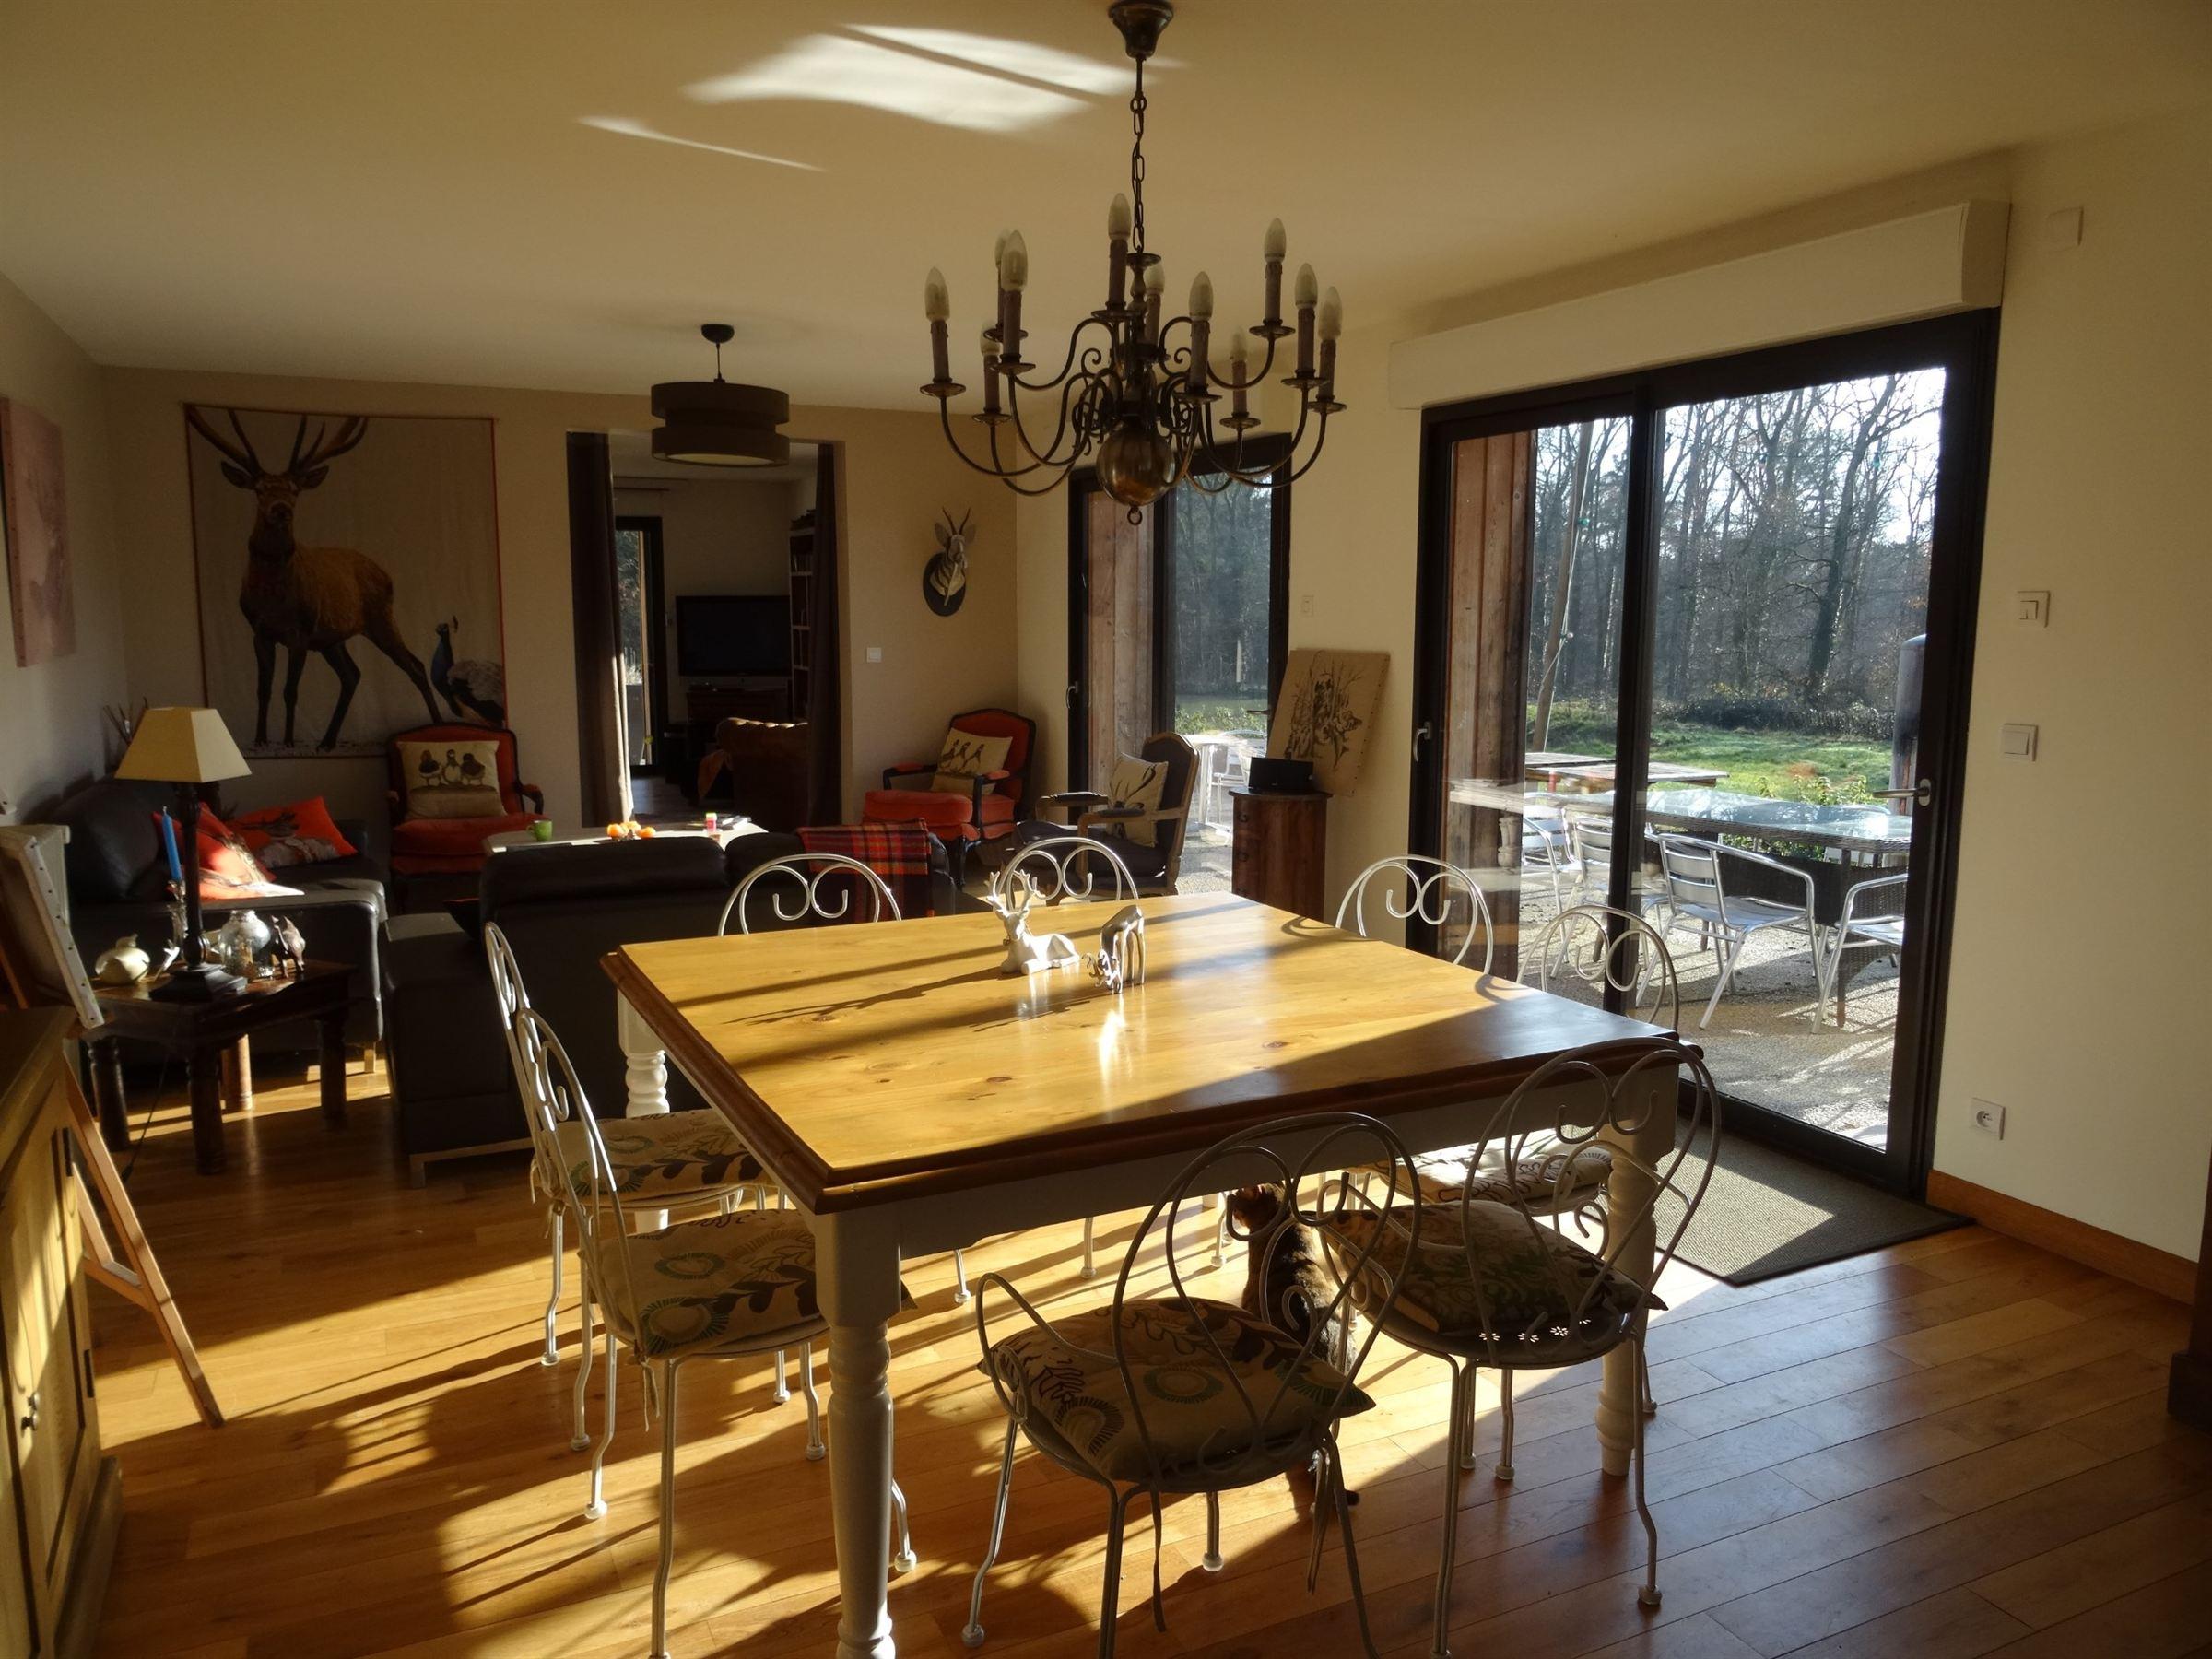 Single Family Home for Sale at Une rénovaton contemporaine pour cette solognote Other Centre, Centre, 45240 France